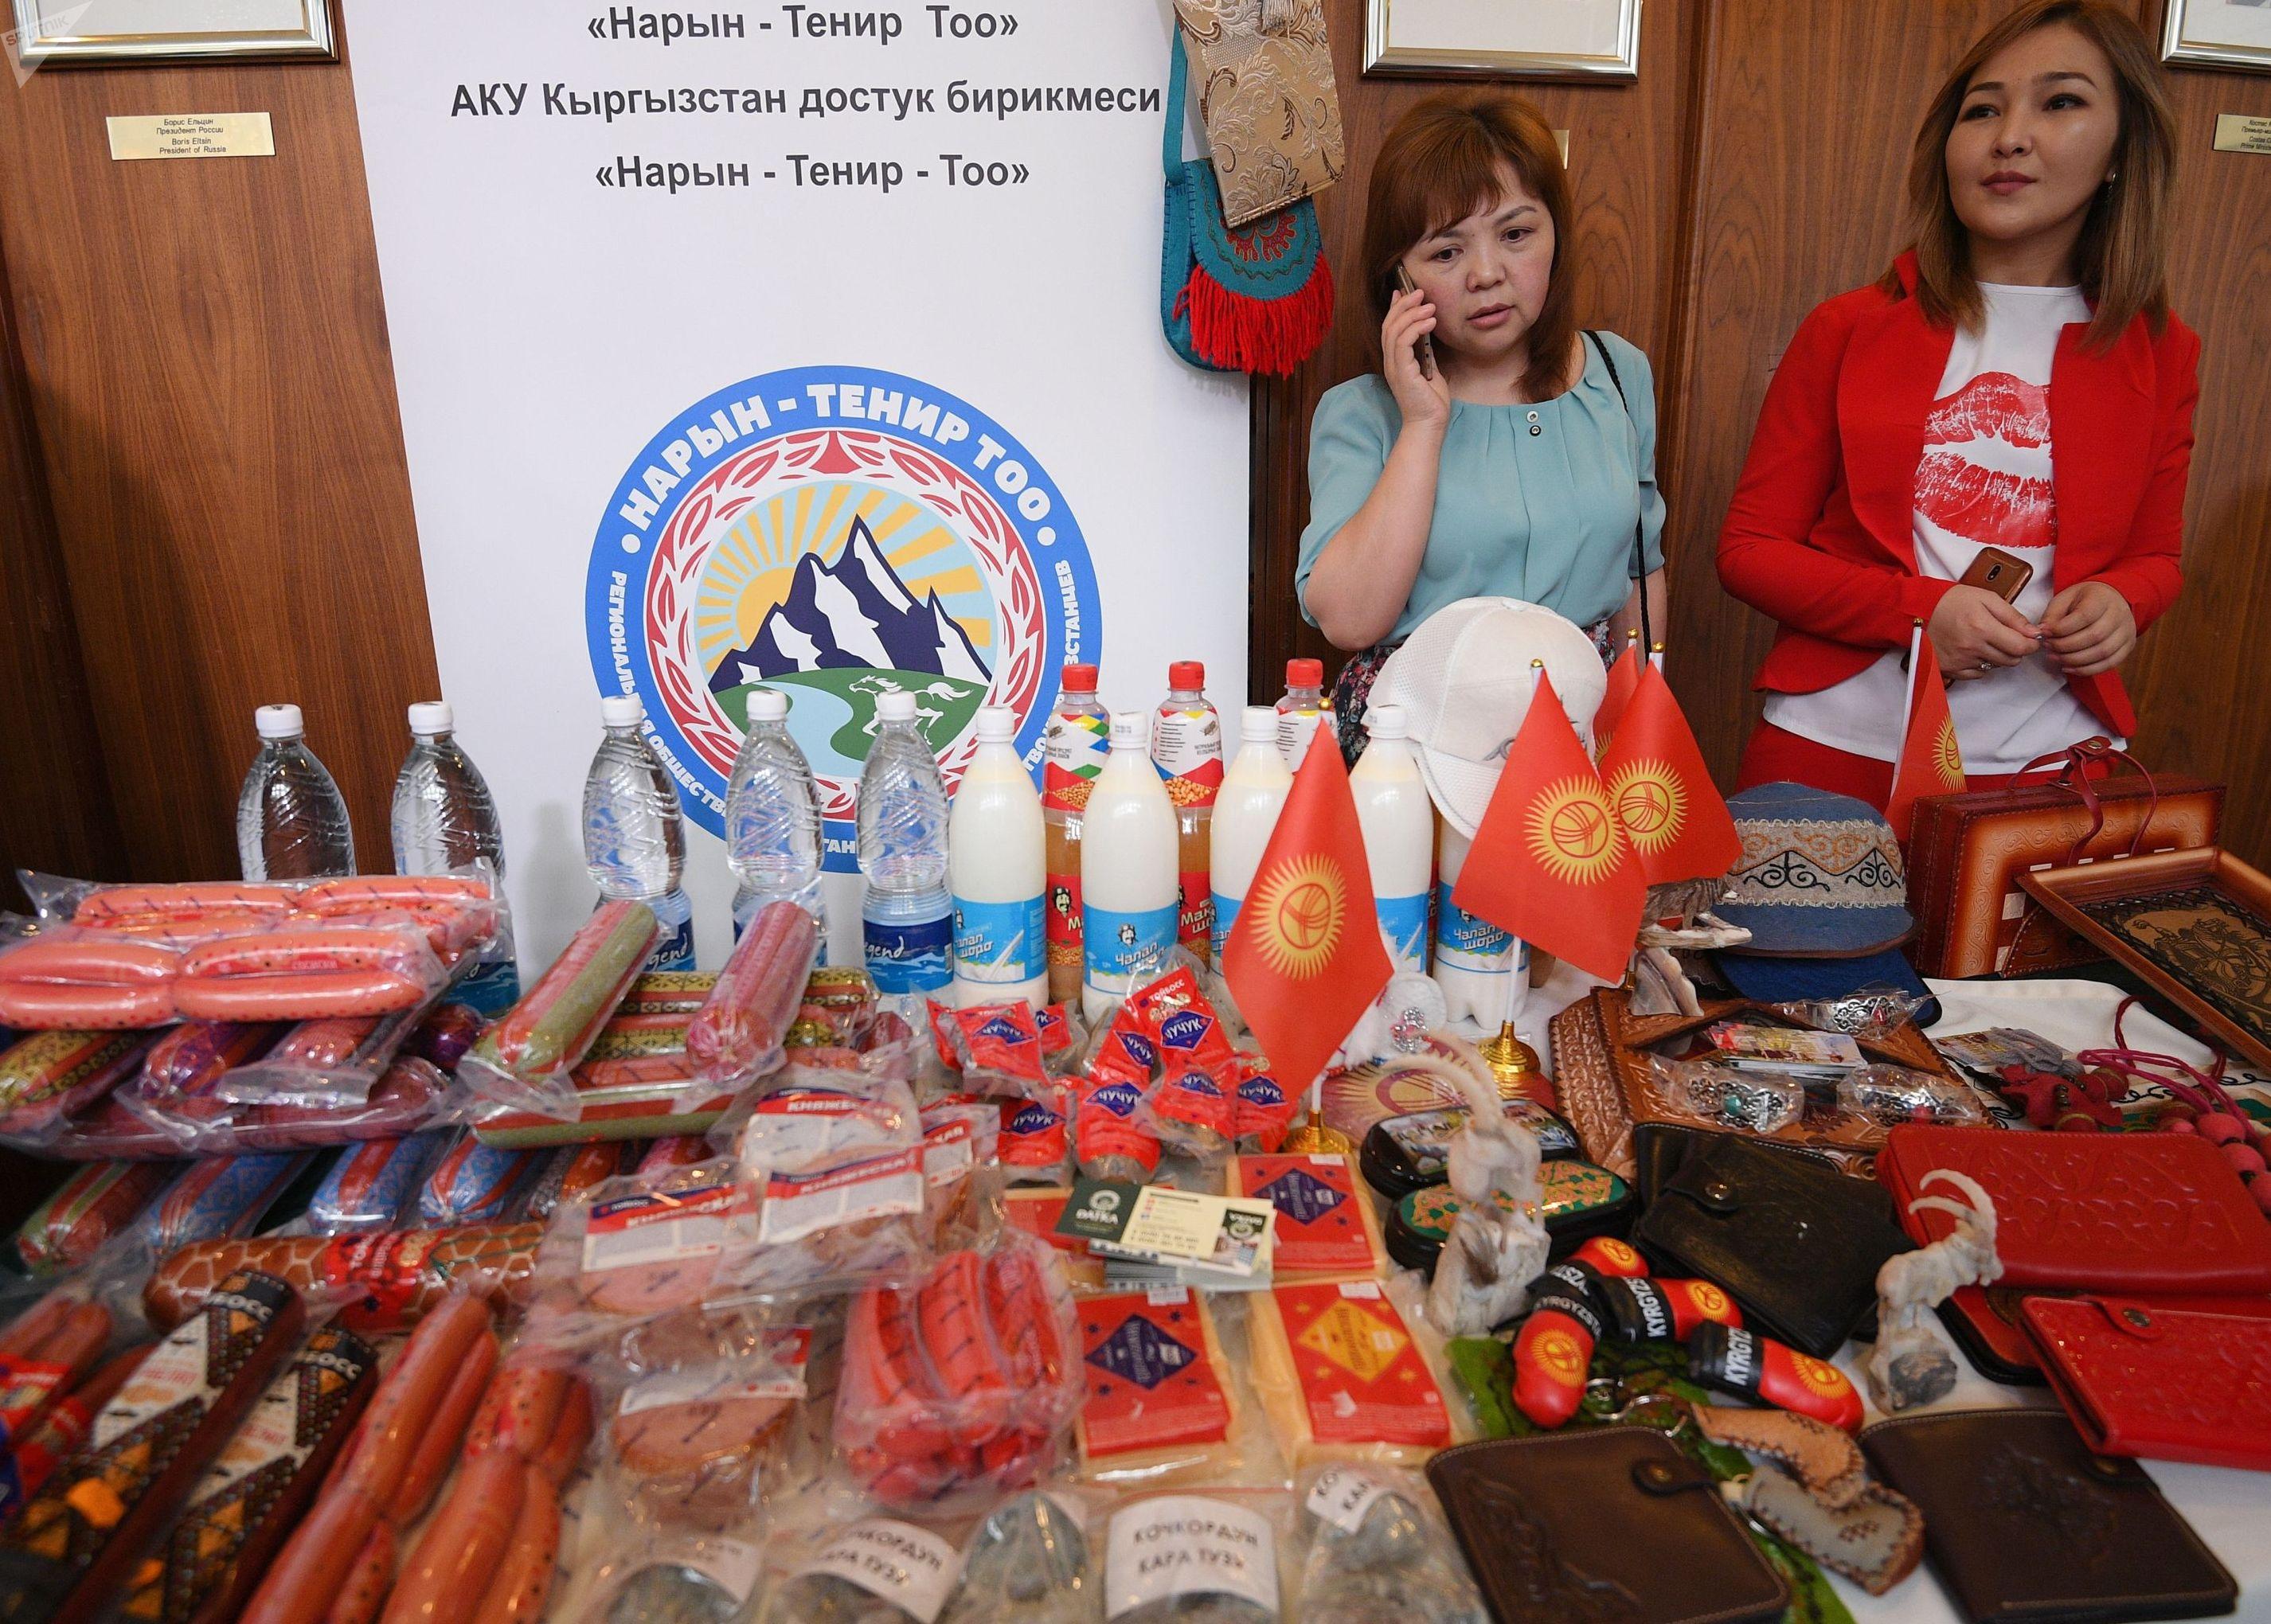 На туристическом форуме Солнечный Кыргызстан - Иссык-Куль 2019 в Москве.